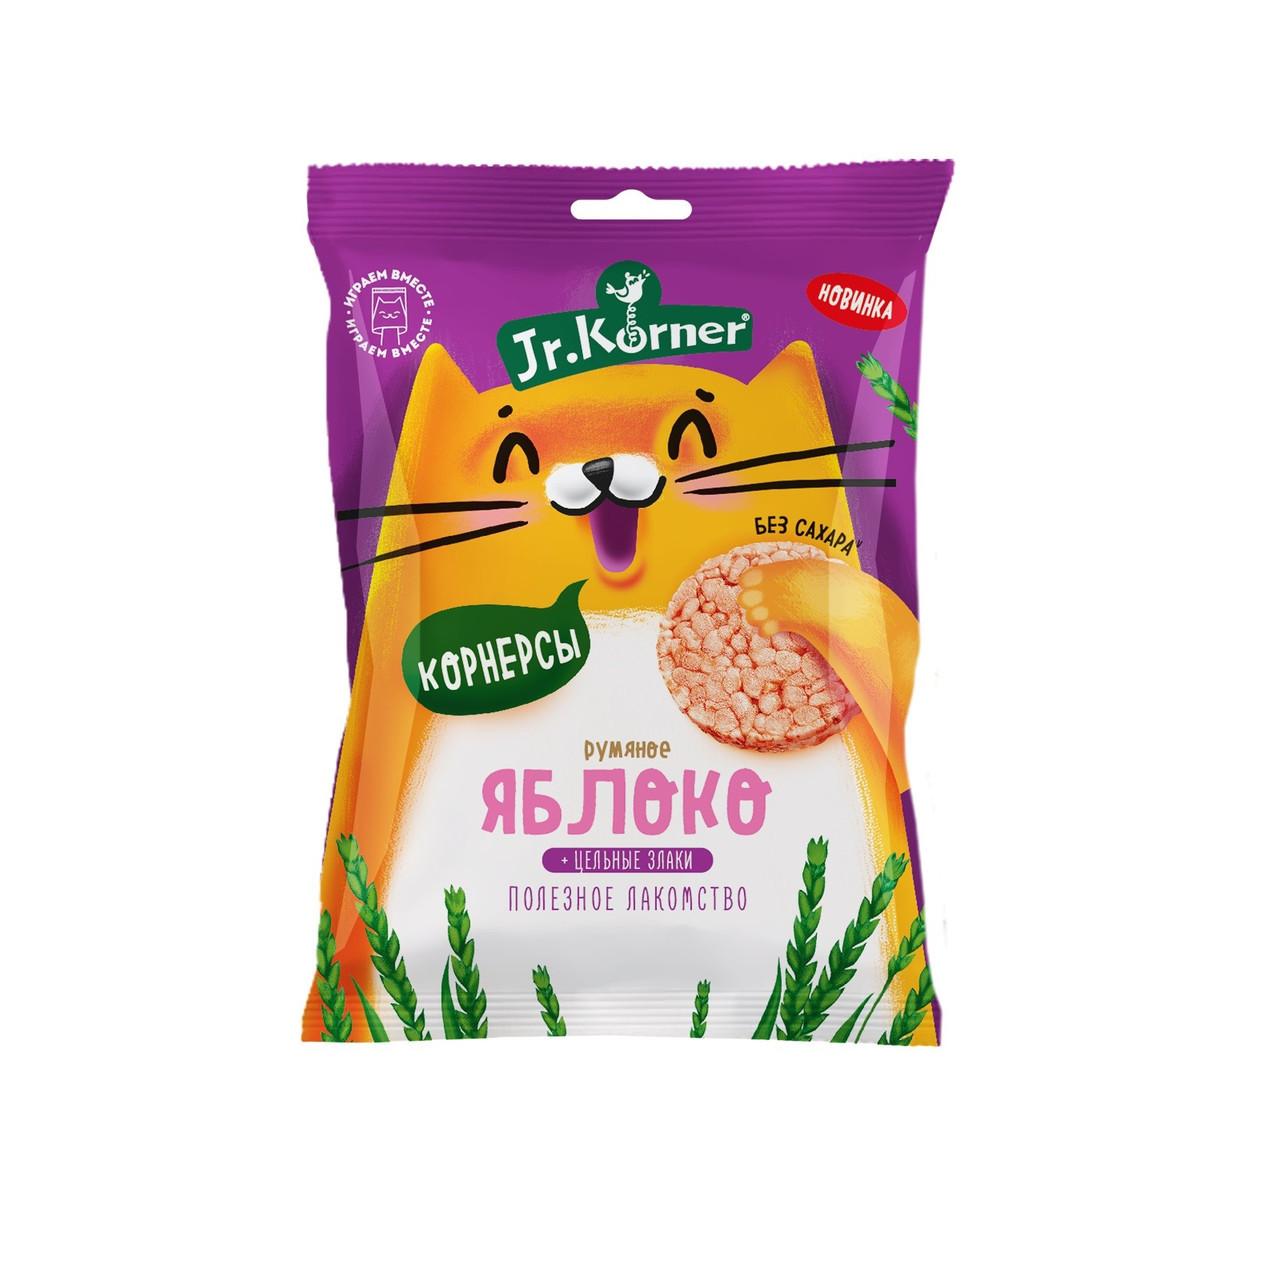 Рисовые мини хлебцы для детей с яблочным соком Dr. Korner